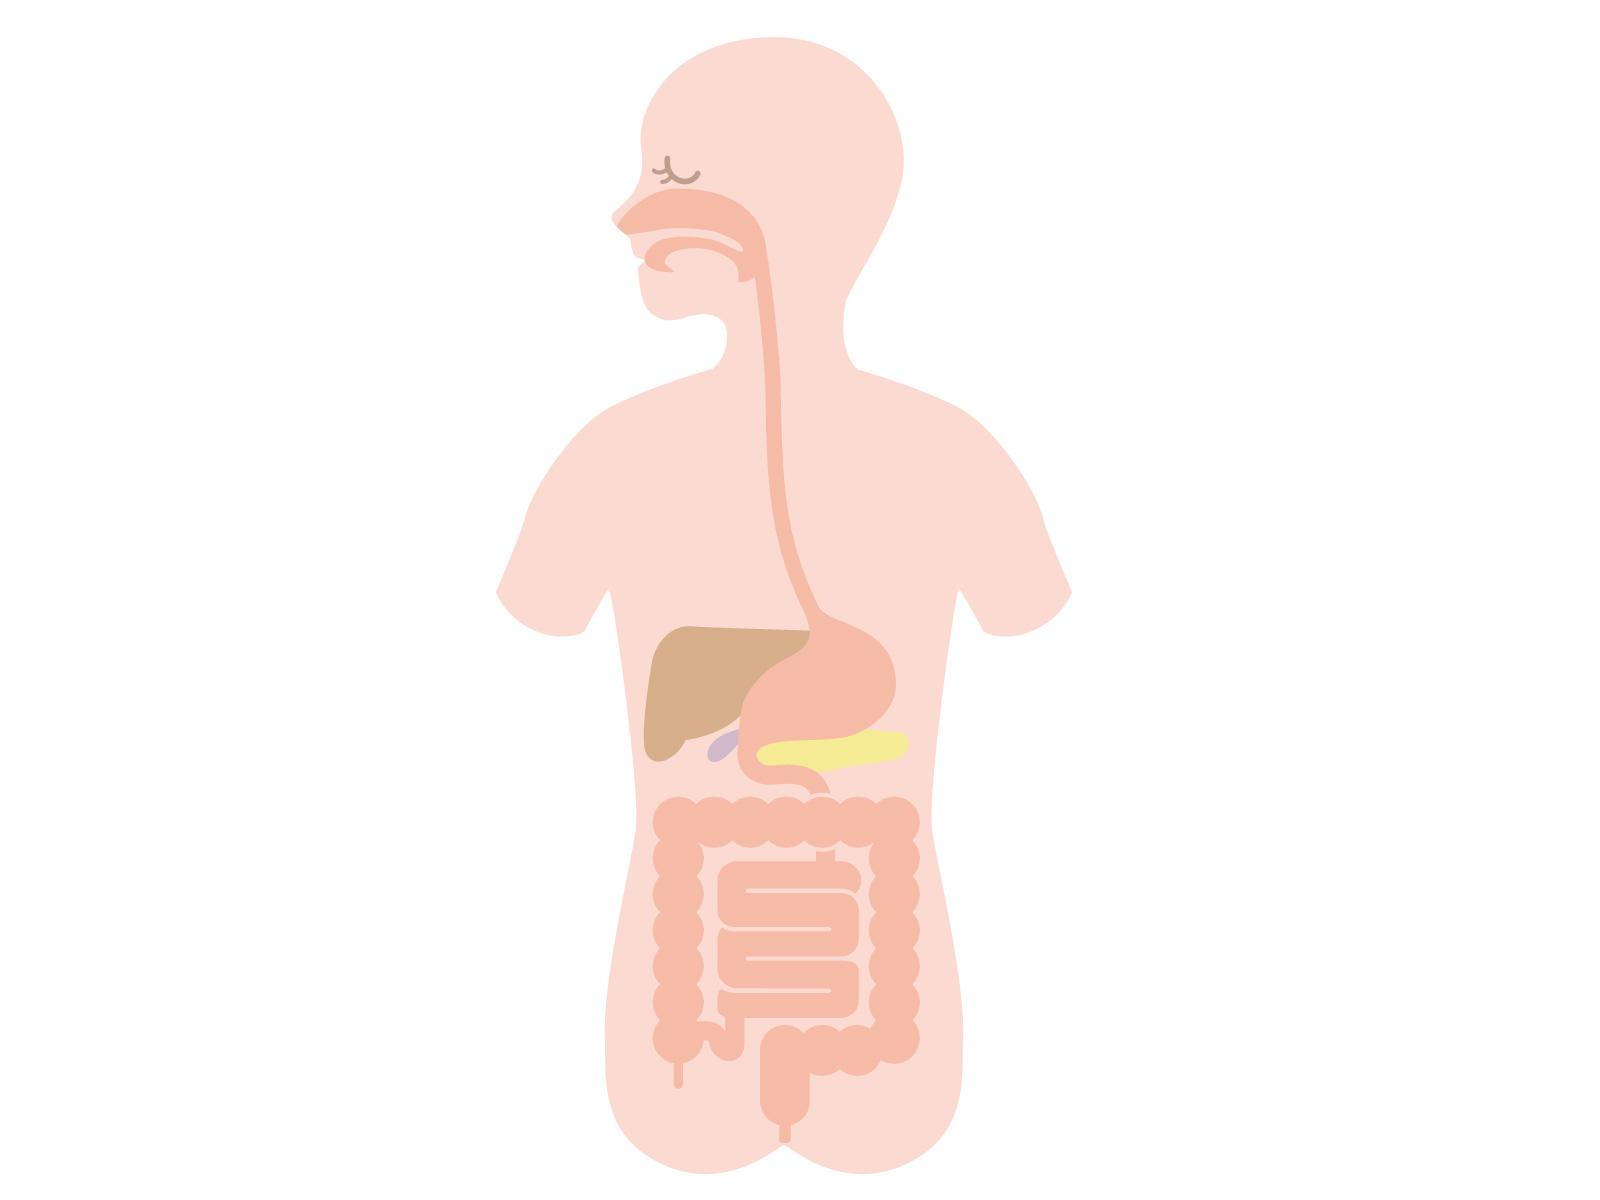 食道裂孔ヘルニアとは